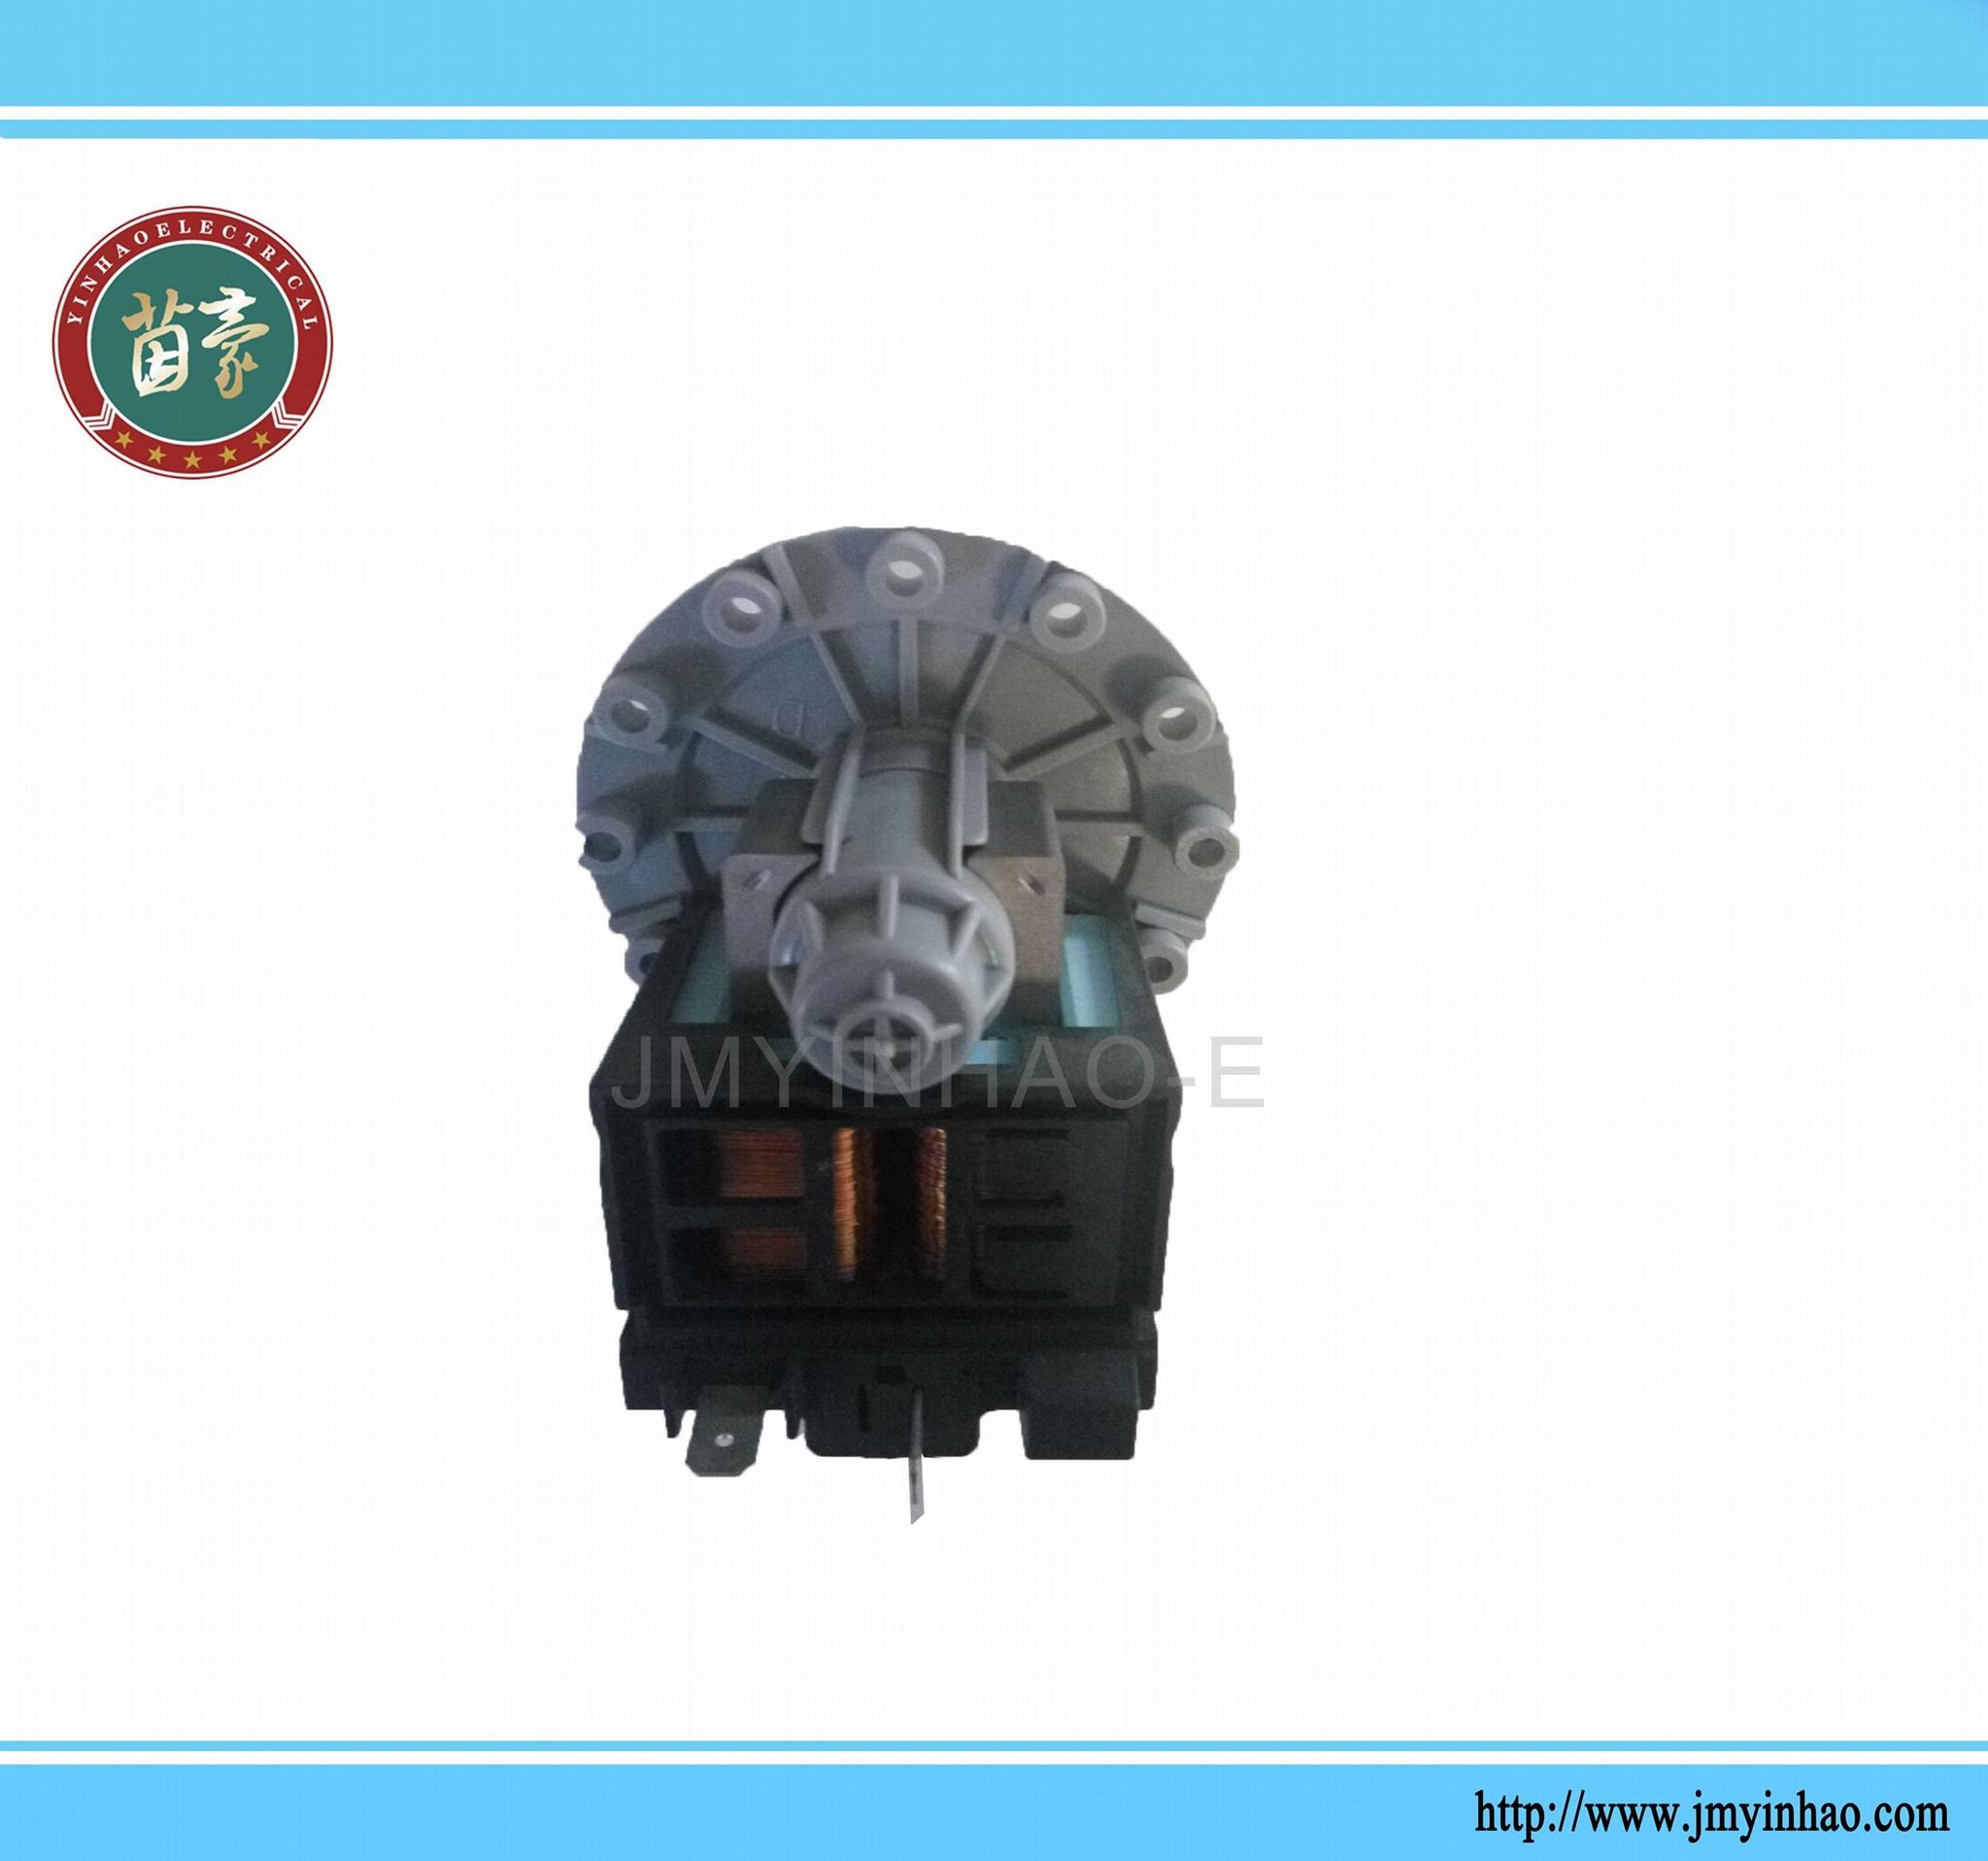 Replacement askoll M231 дренажный насос для стиральной машины 2